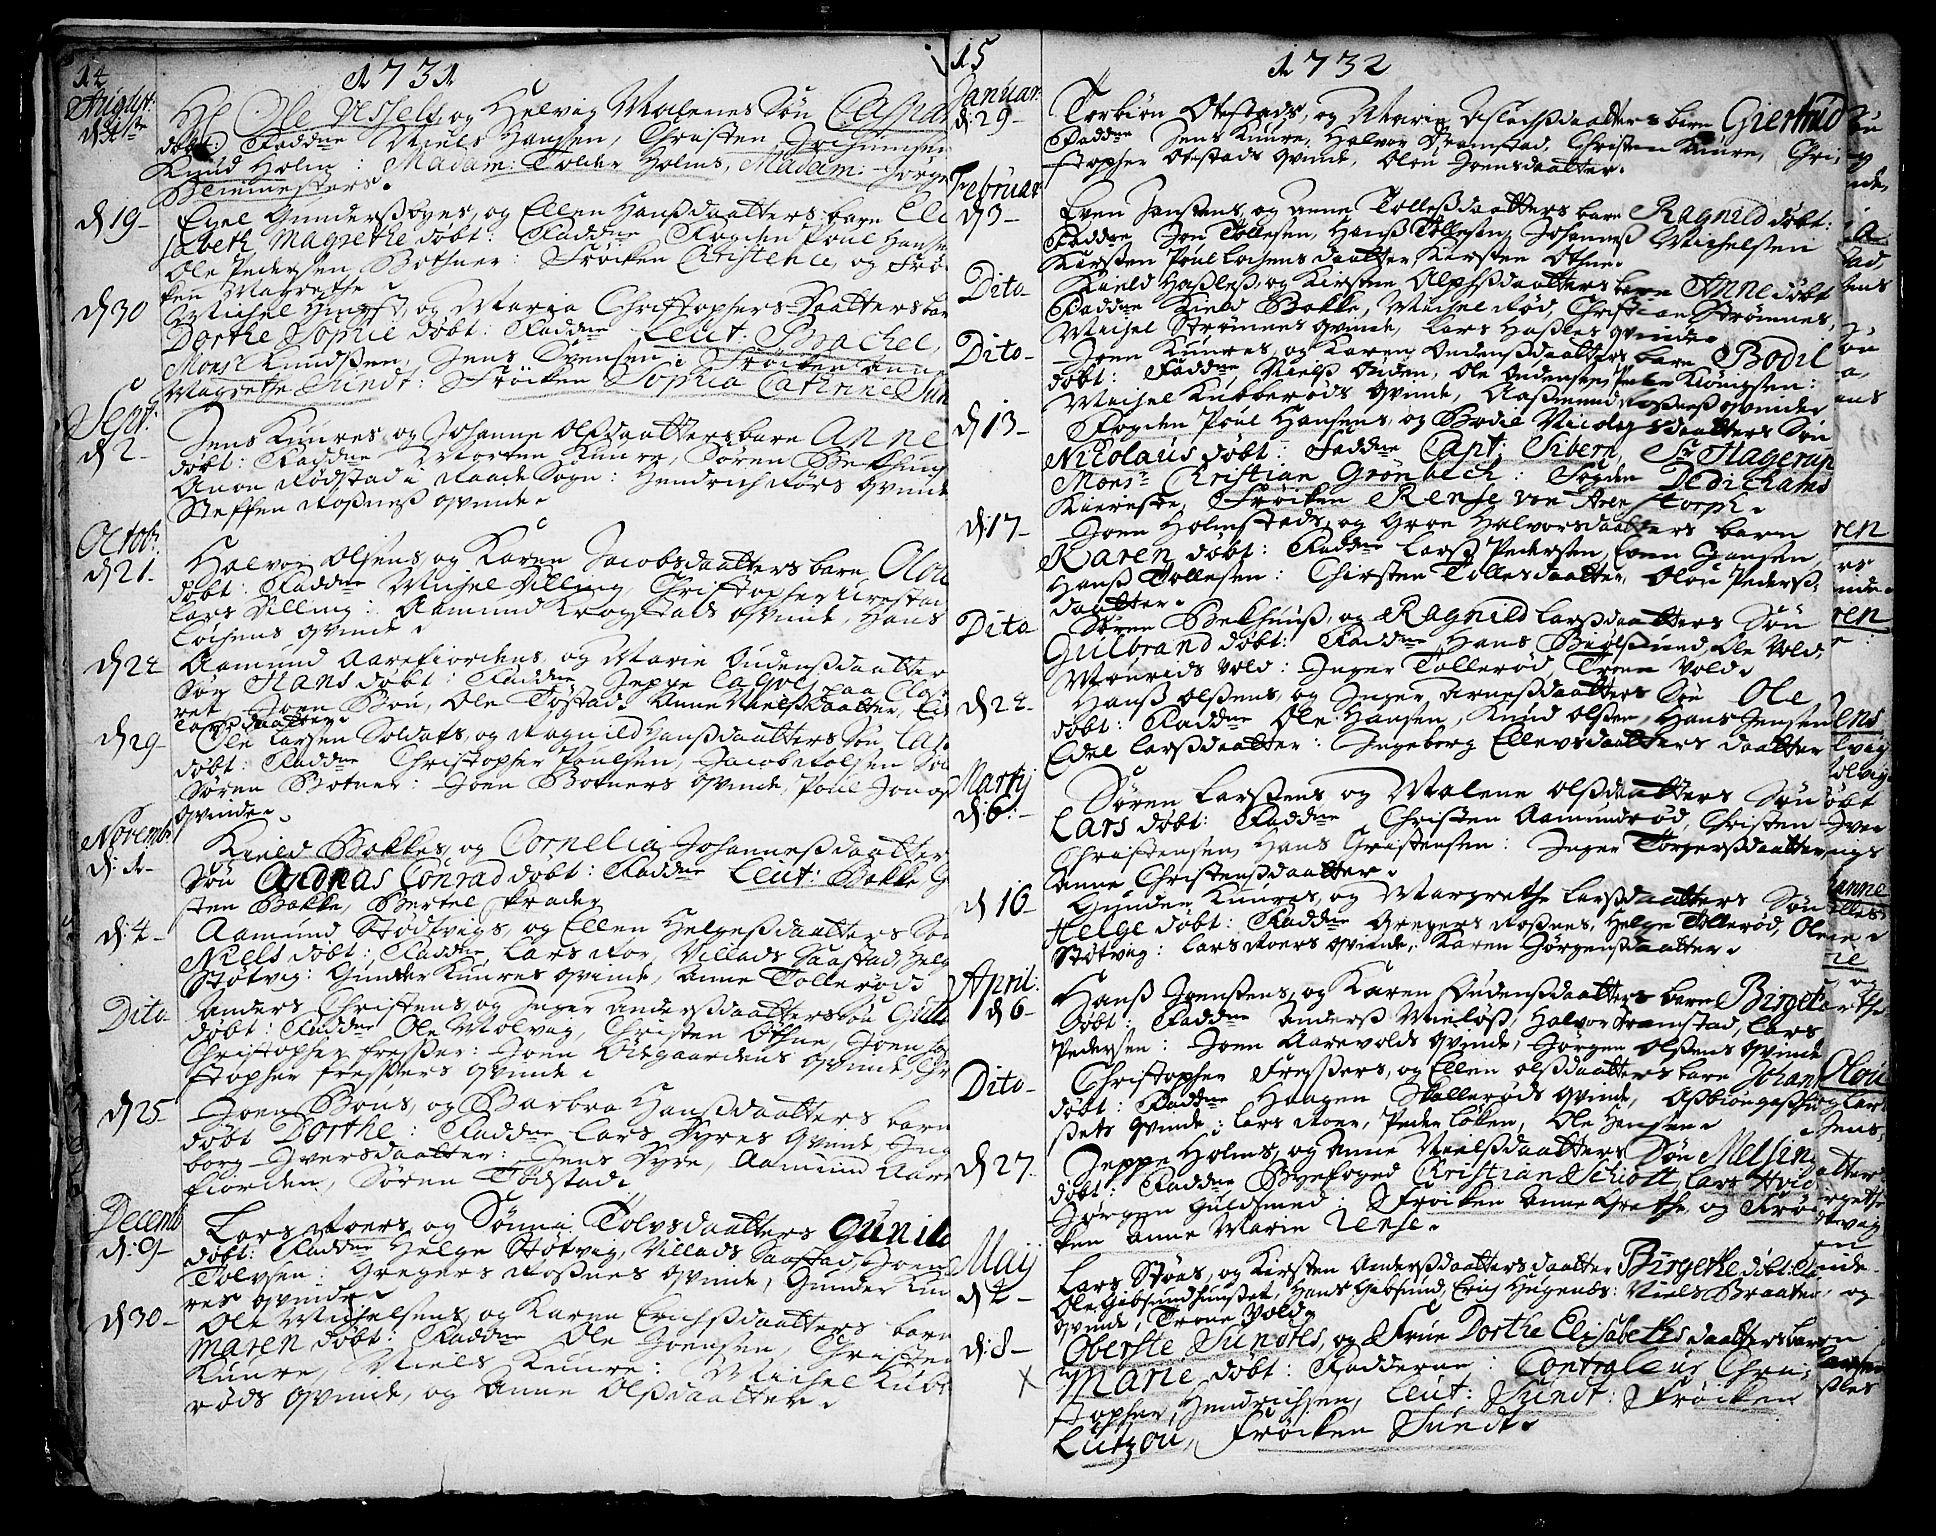 SAO, Rygge prestekontor Kirkebøker, F/Fa/L0001: Ministerialbok nr. 1, 1725-1771, s. 14-15